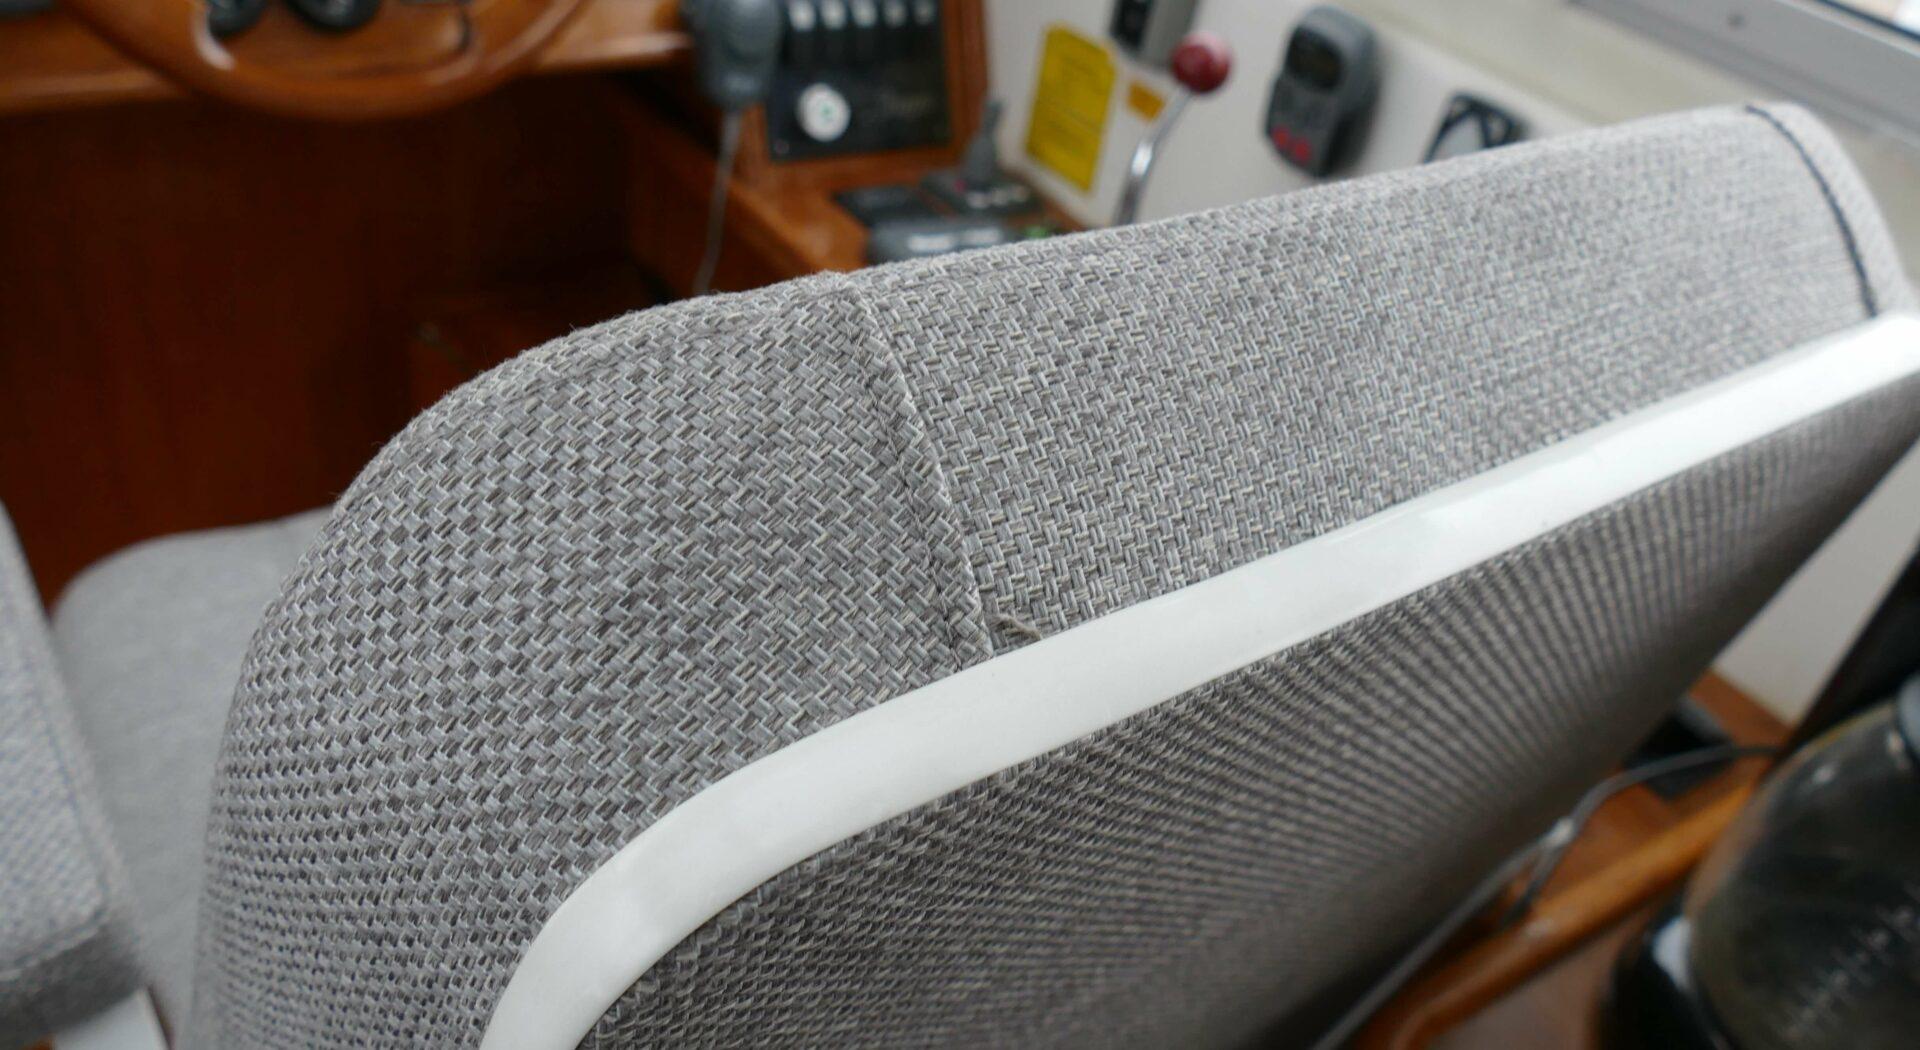 Ny førerstol detalj